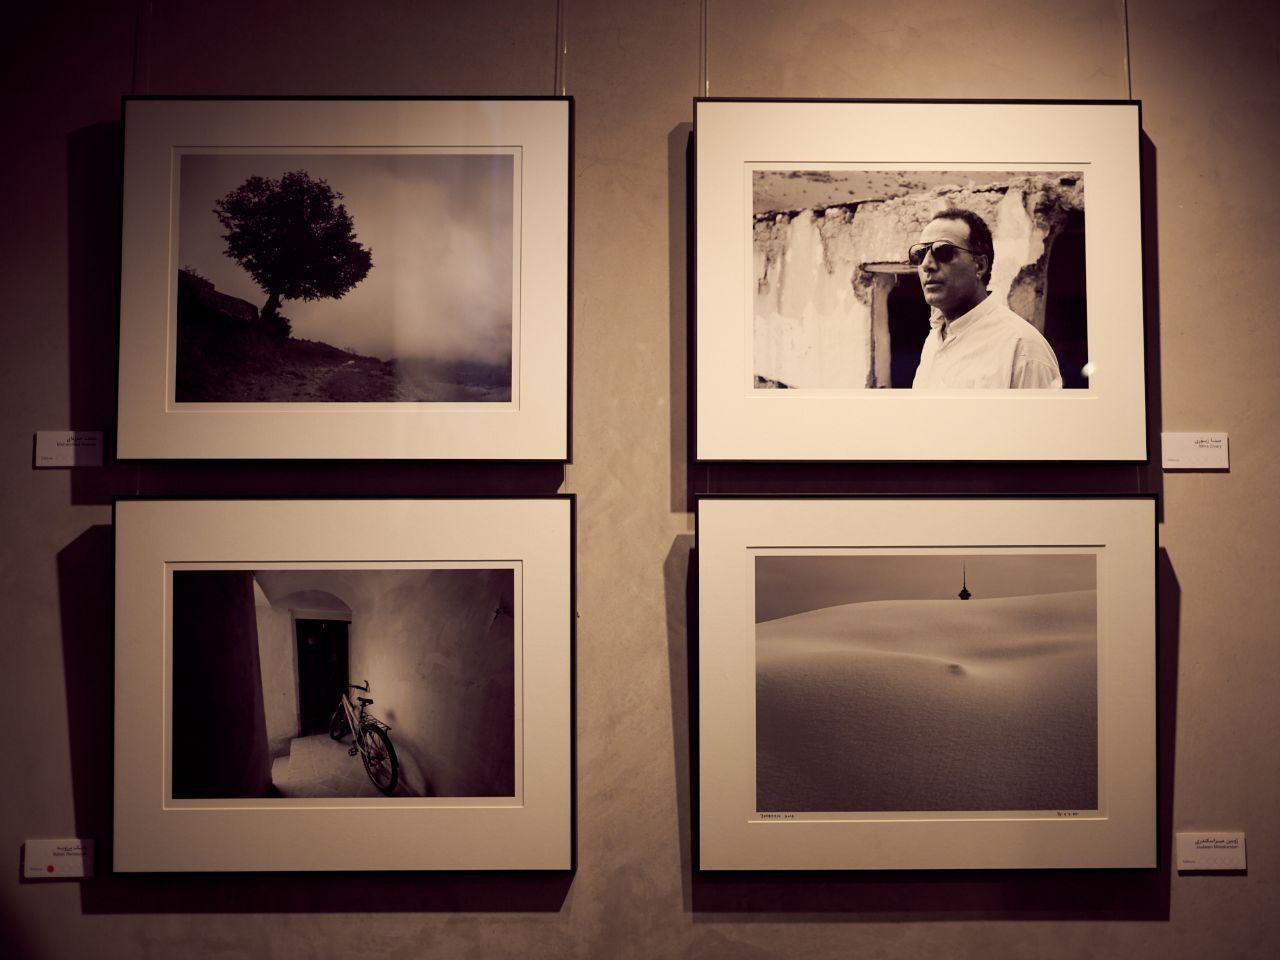 یک تکه زندگی از نگاه هنرمندان برای عباس کیارستمی